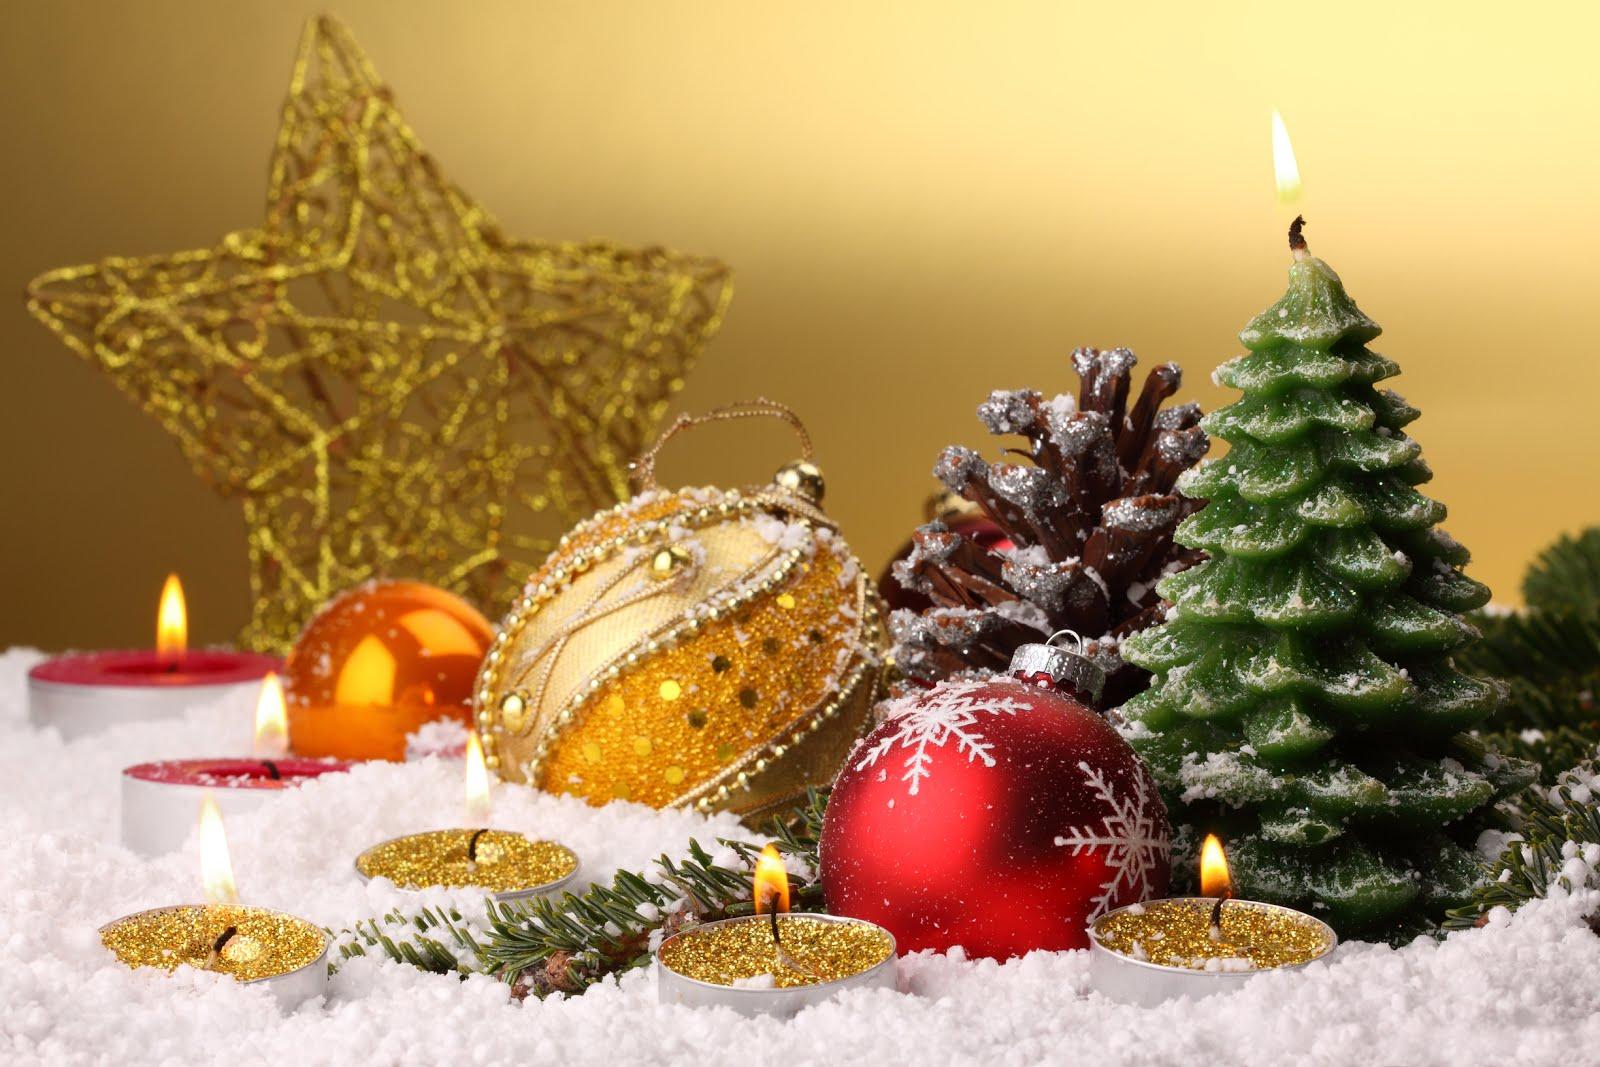 Por qu debemos adornar la casa en navidad belleza - Adornar la casa en navidad ...